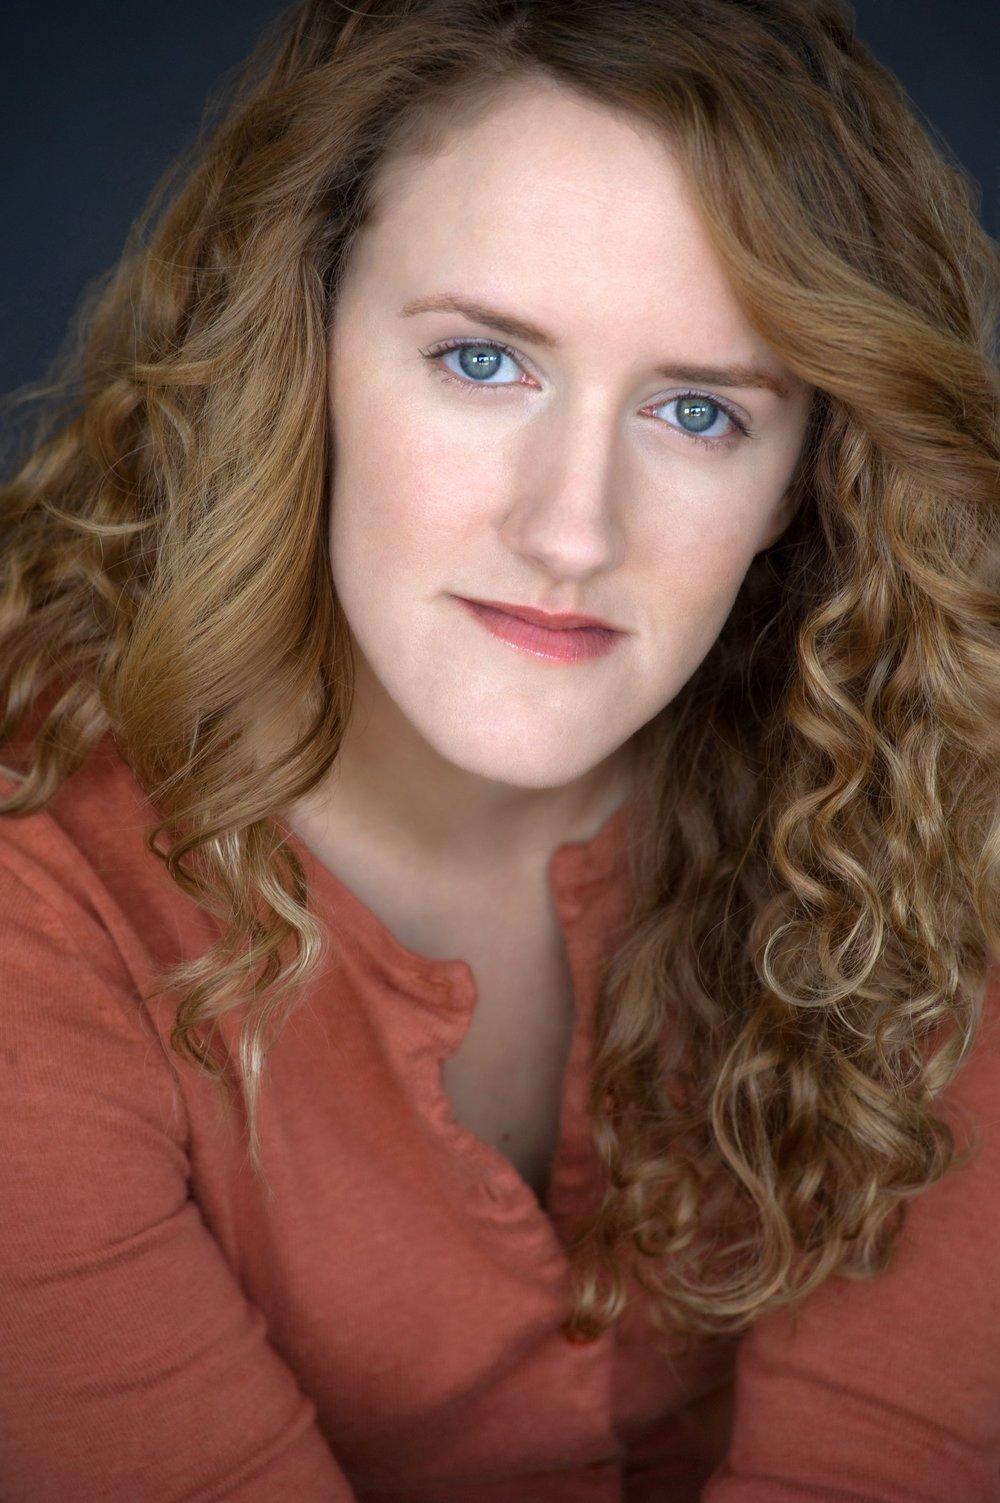 Meghan Lewis